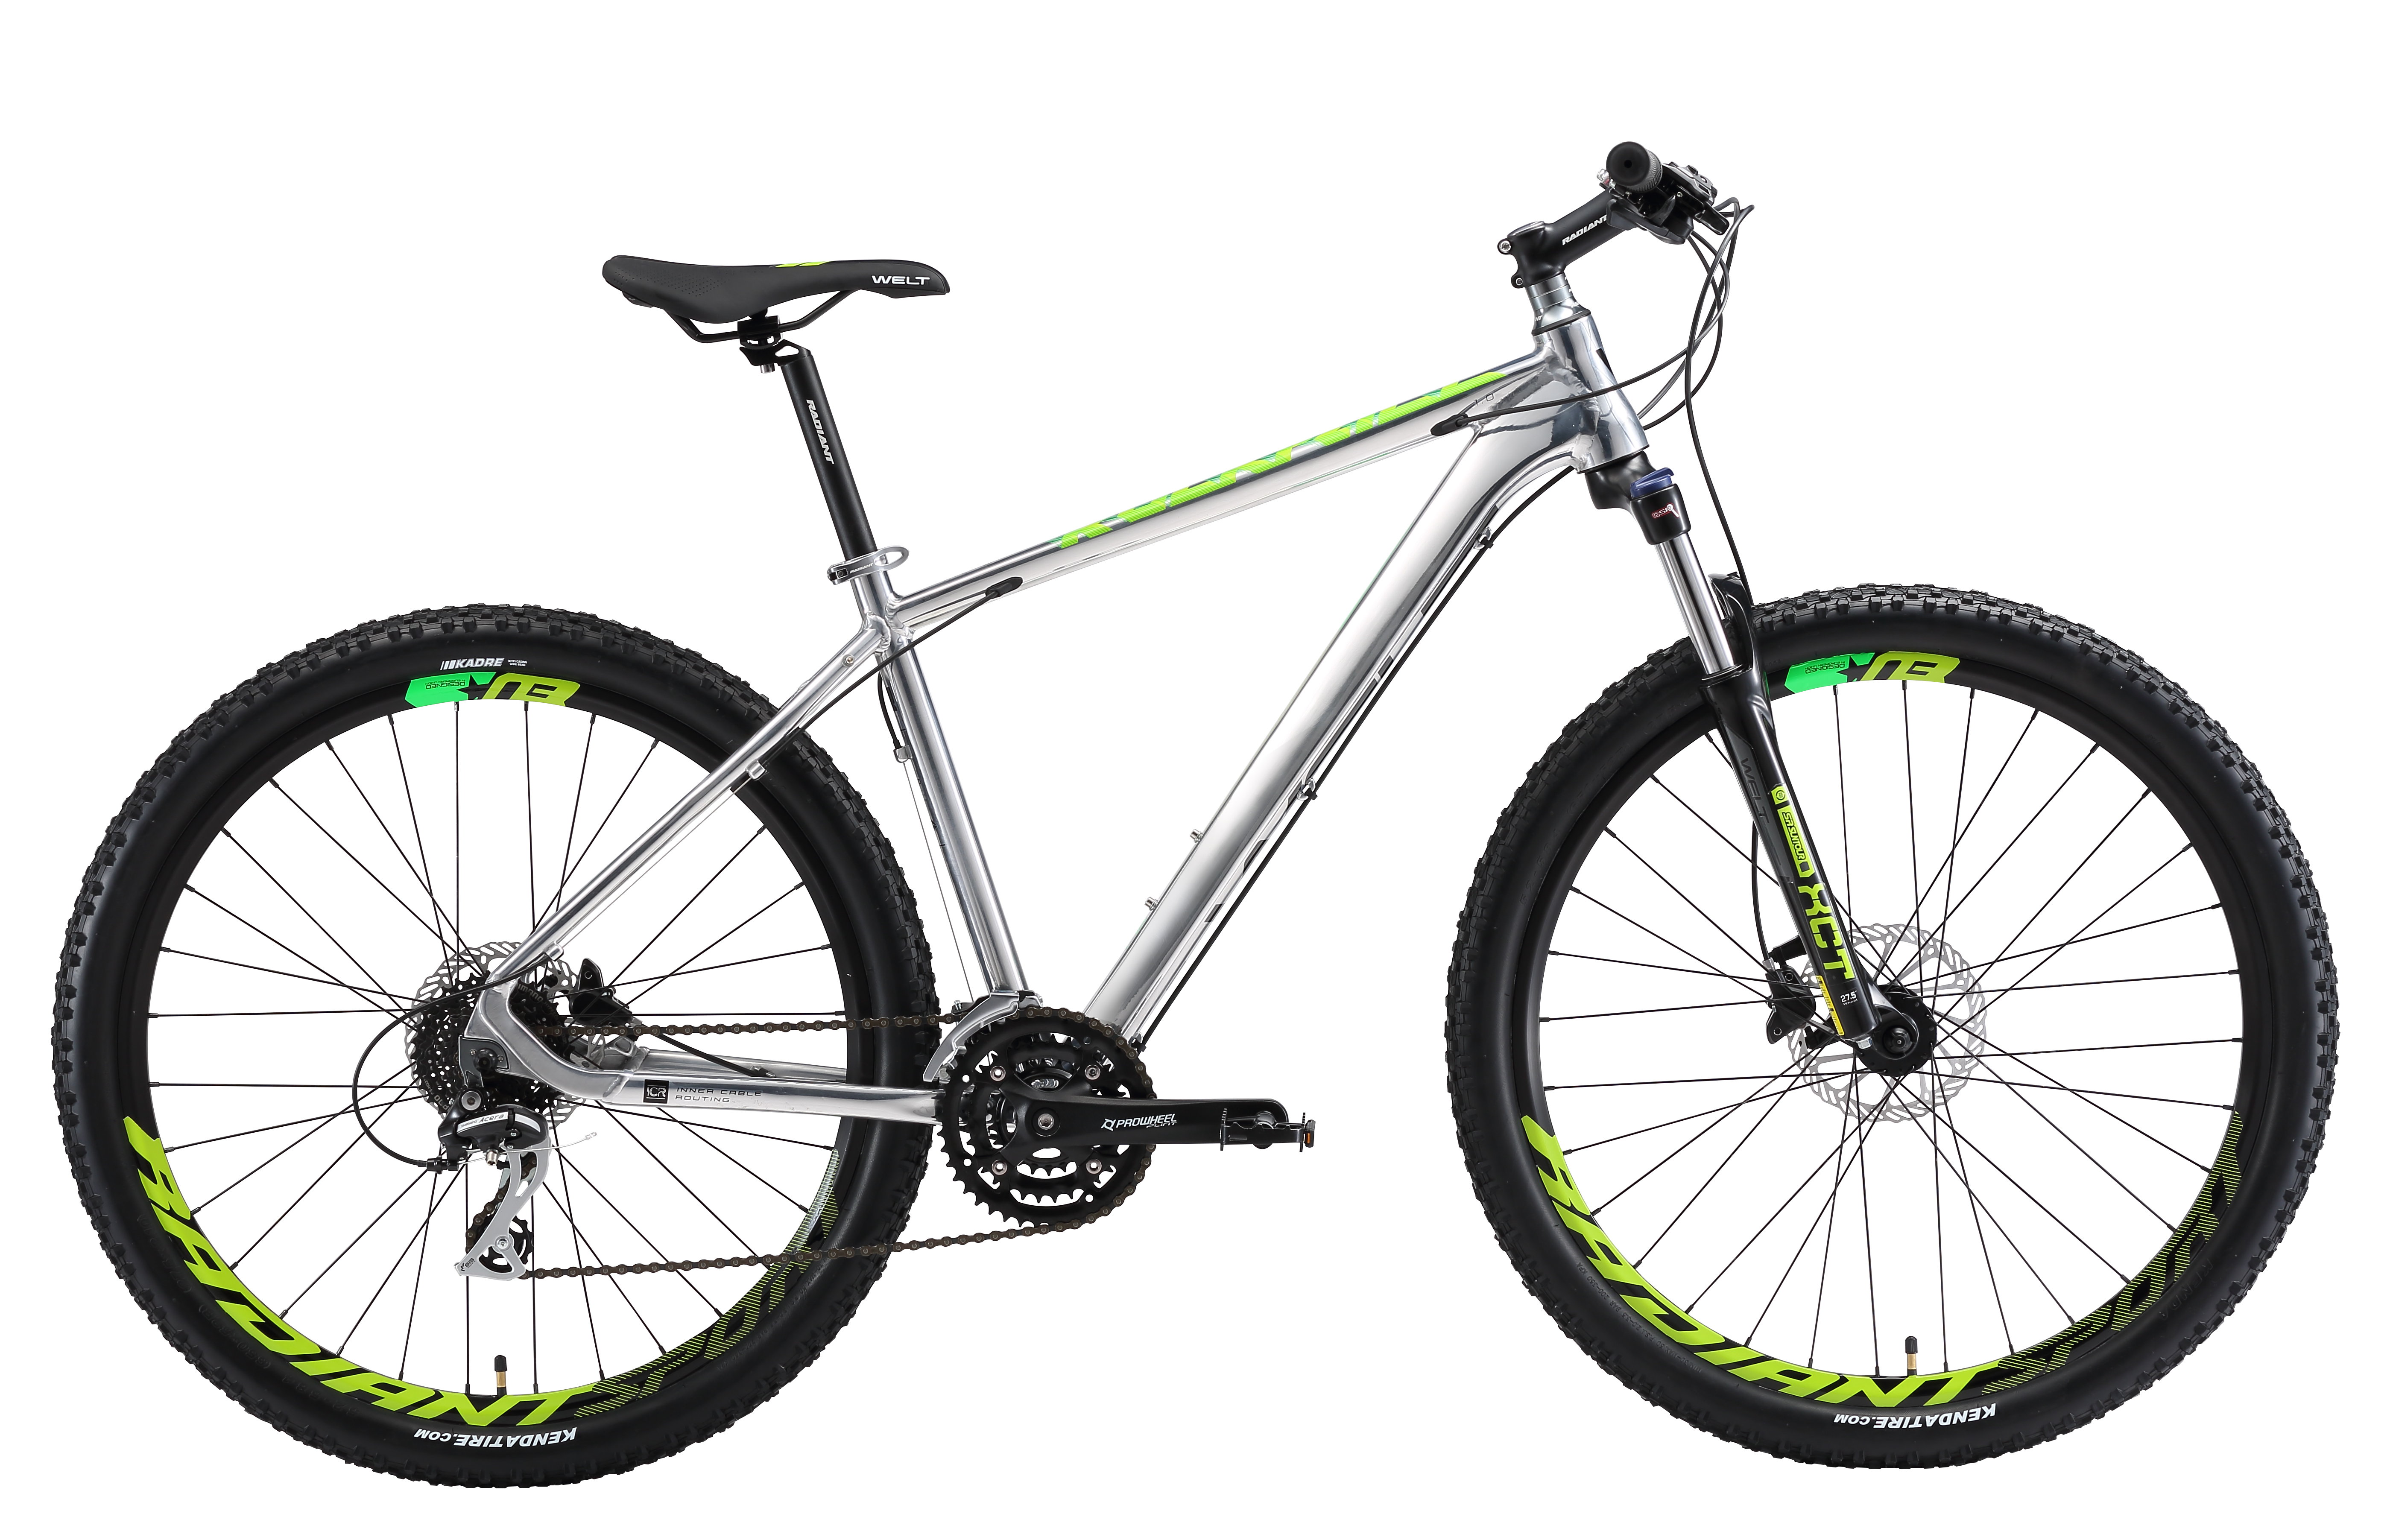 Велосипед Welt 2018 Rockfall 1.0 SE polish silver/acid green, Велосипеды - арт. 1030950390